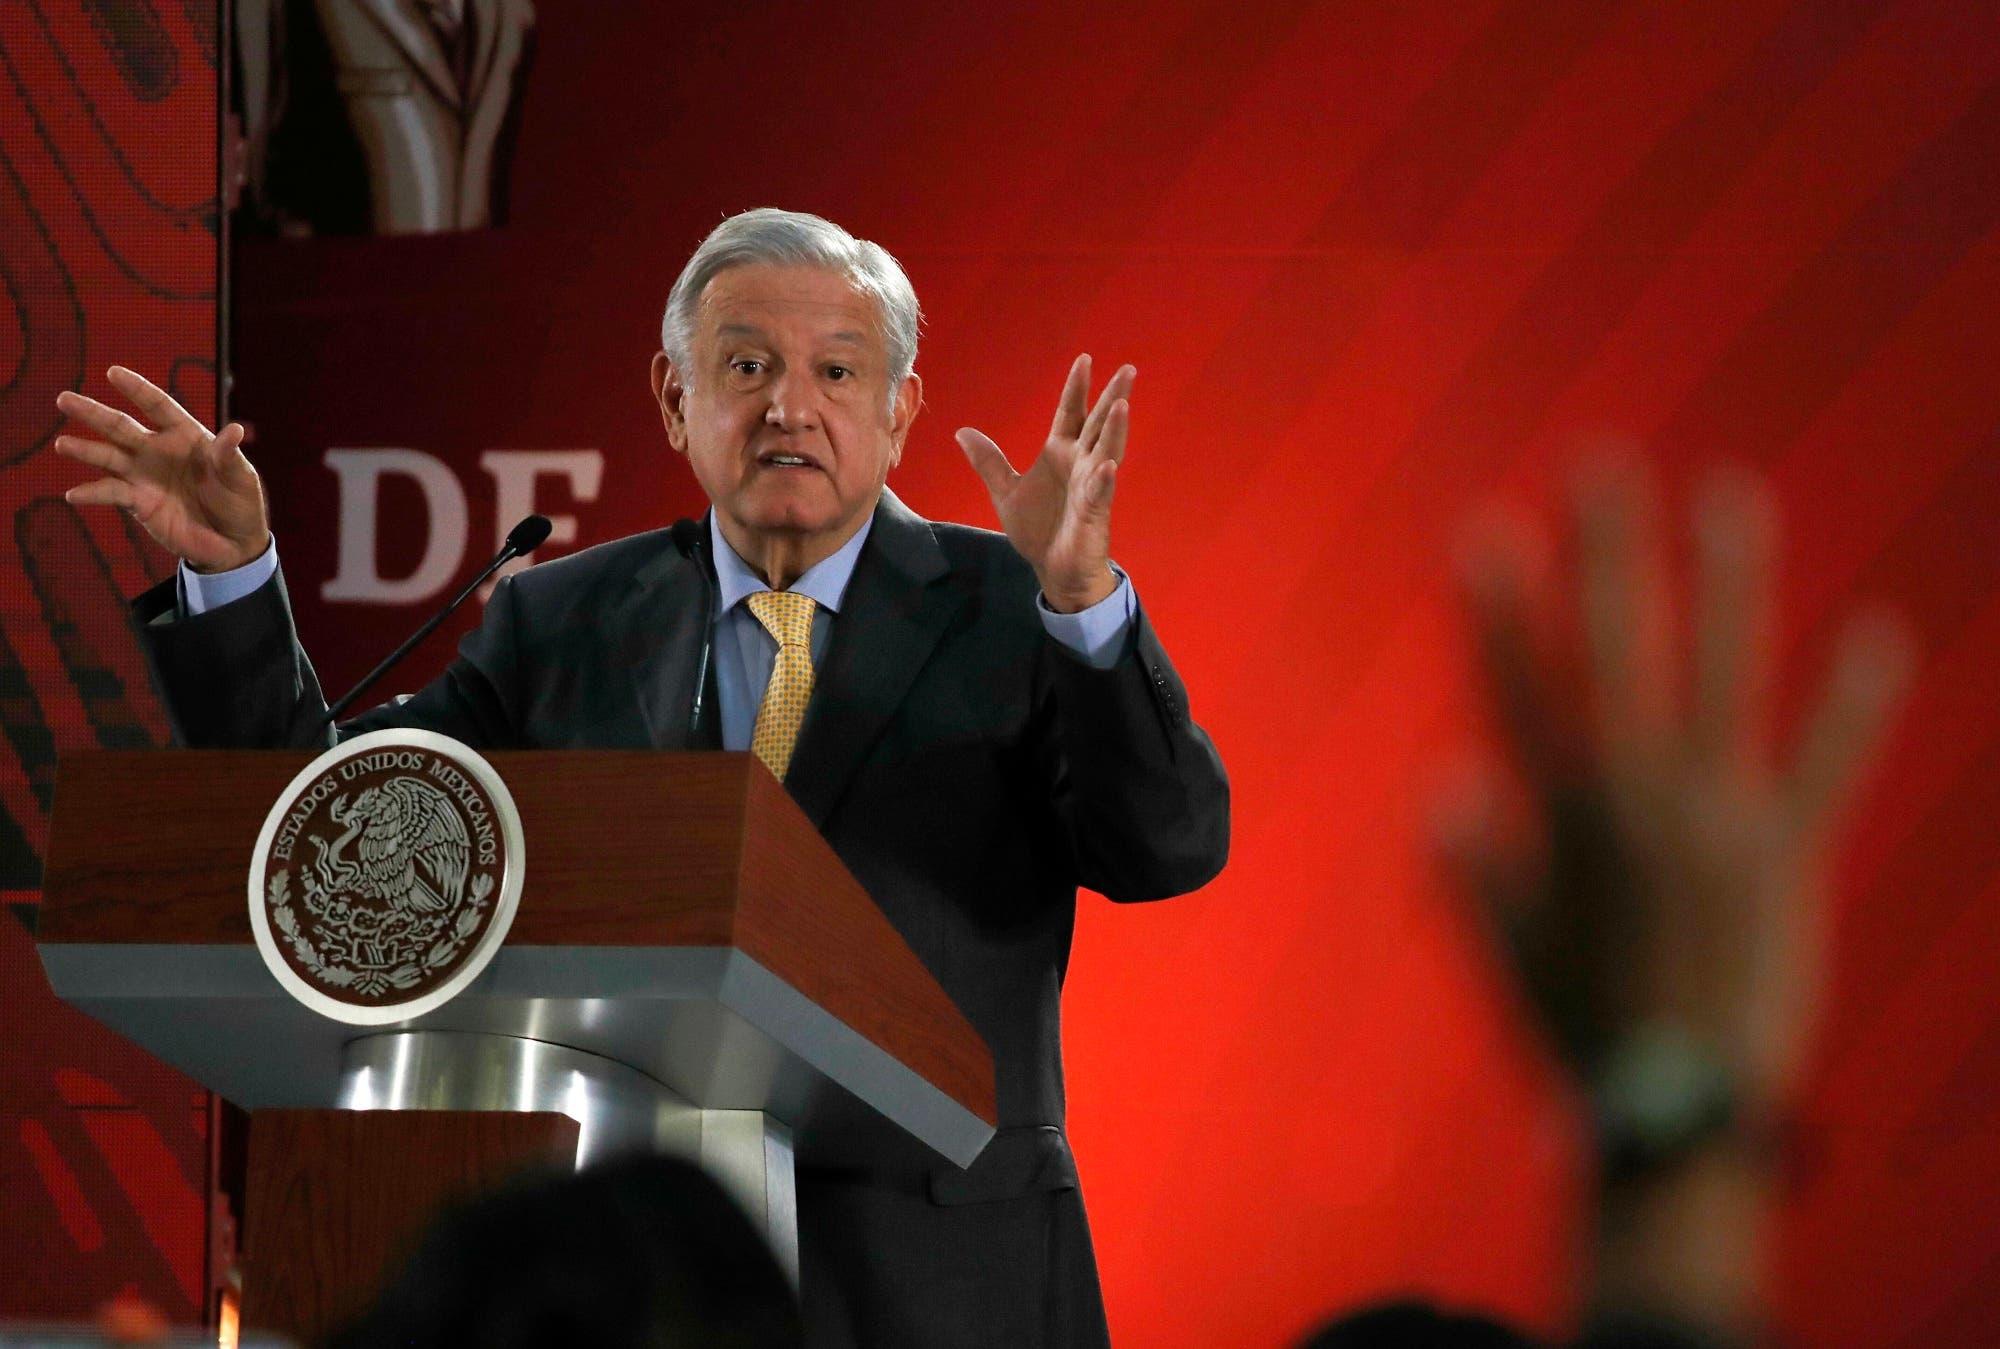 """El presidente Andrés Manuel López Obrador dijo que Carlos  Slim, uno de los hombres más ricos del mundo, """"está dispuesto a apoyar no solo en la parte empresarial, sino también en acciones de bienestar para la población""""."""